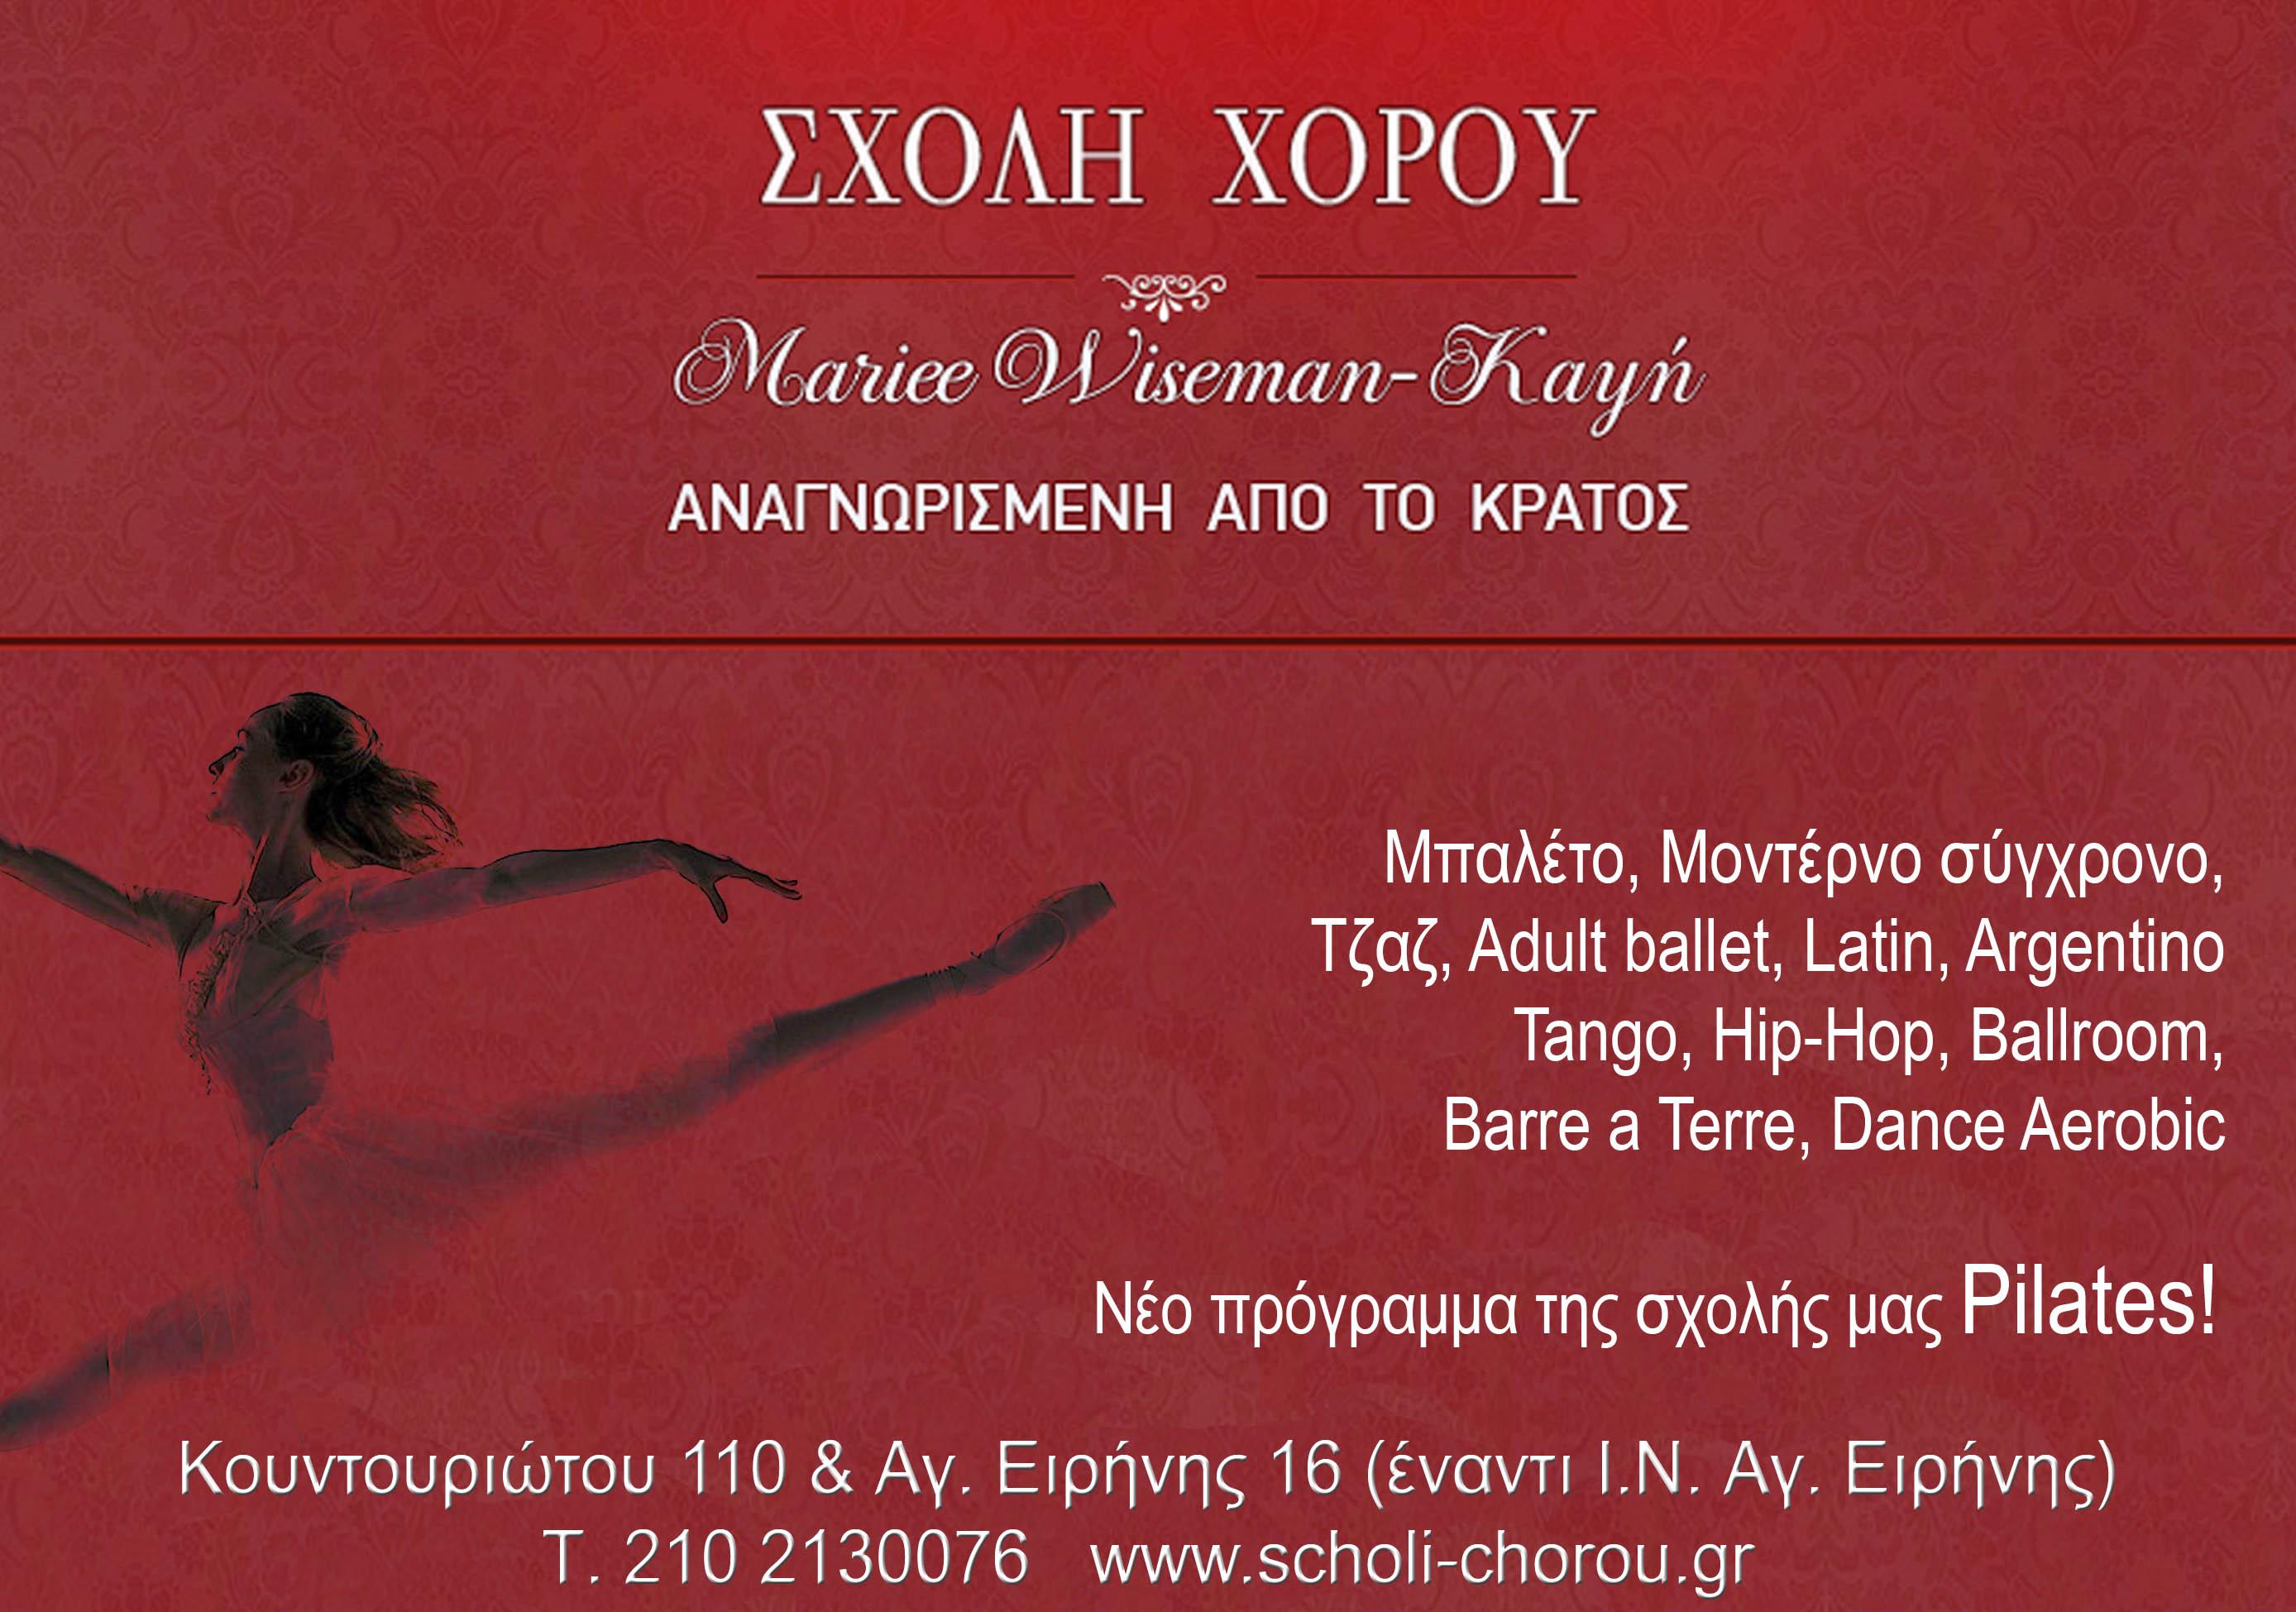 Δωρεάν μαθήματα χορού και γυμναστικής από τη σχολή χορού Mariee Wiseman-Καψή!